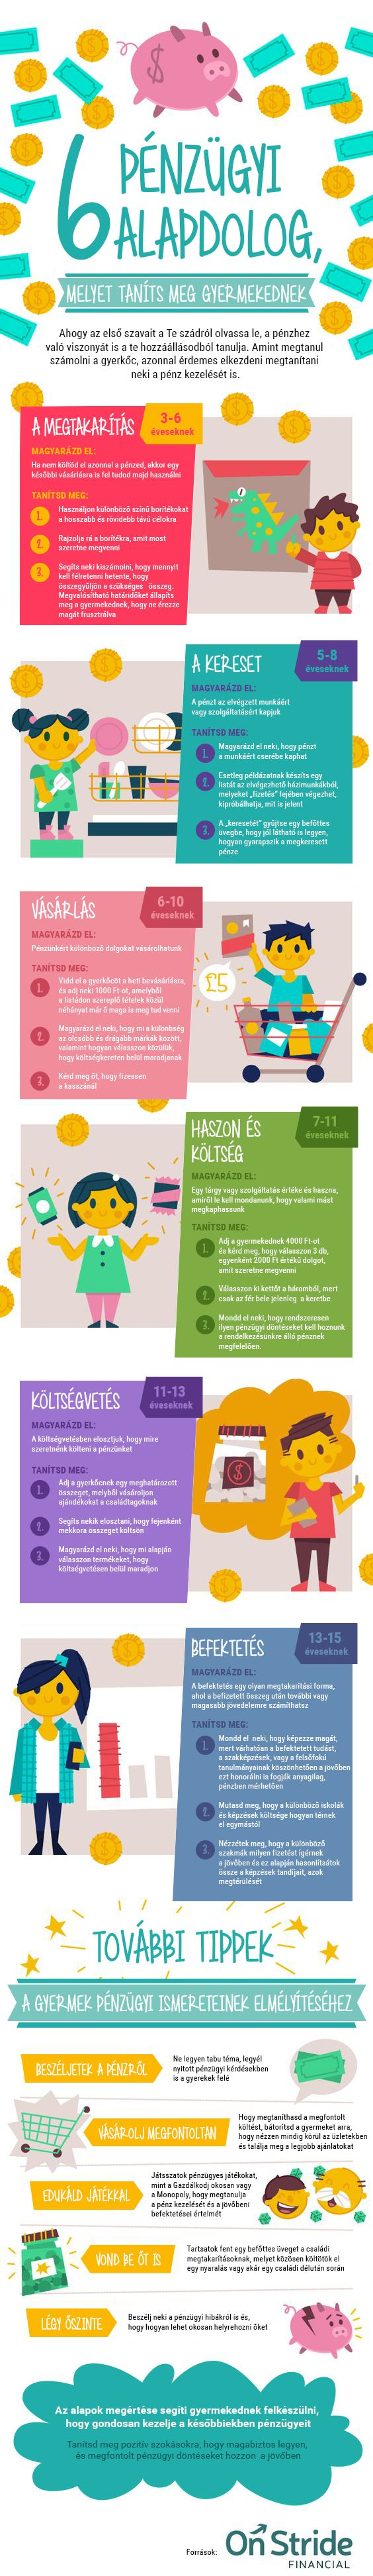 6 pénzügyi alapdolog,amit nem árt megtanítani a gyerekeknek.